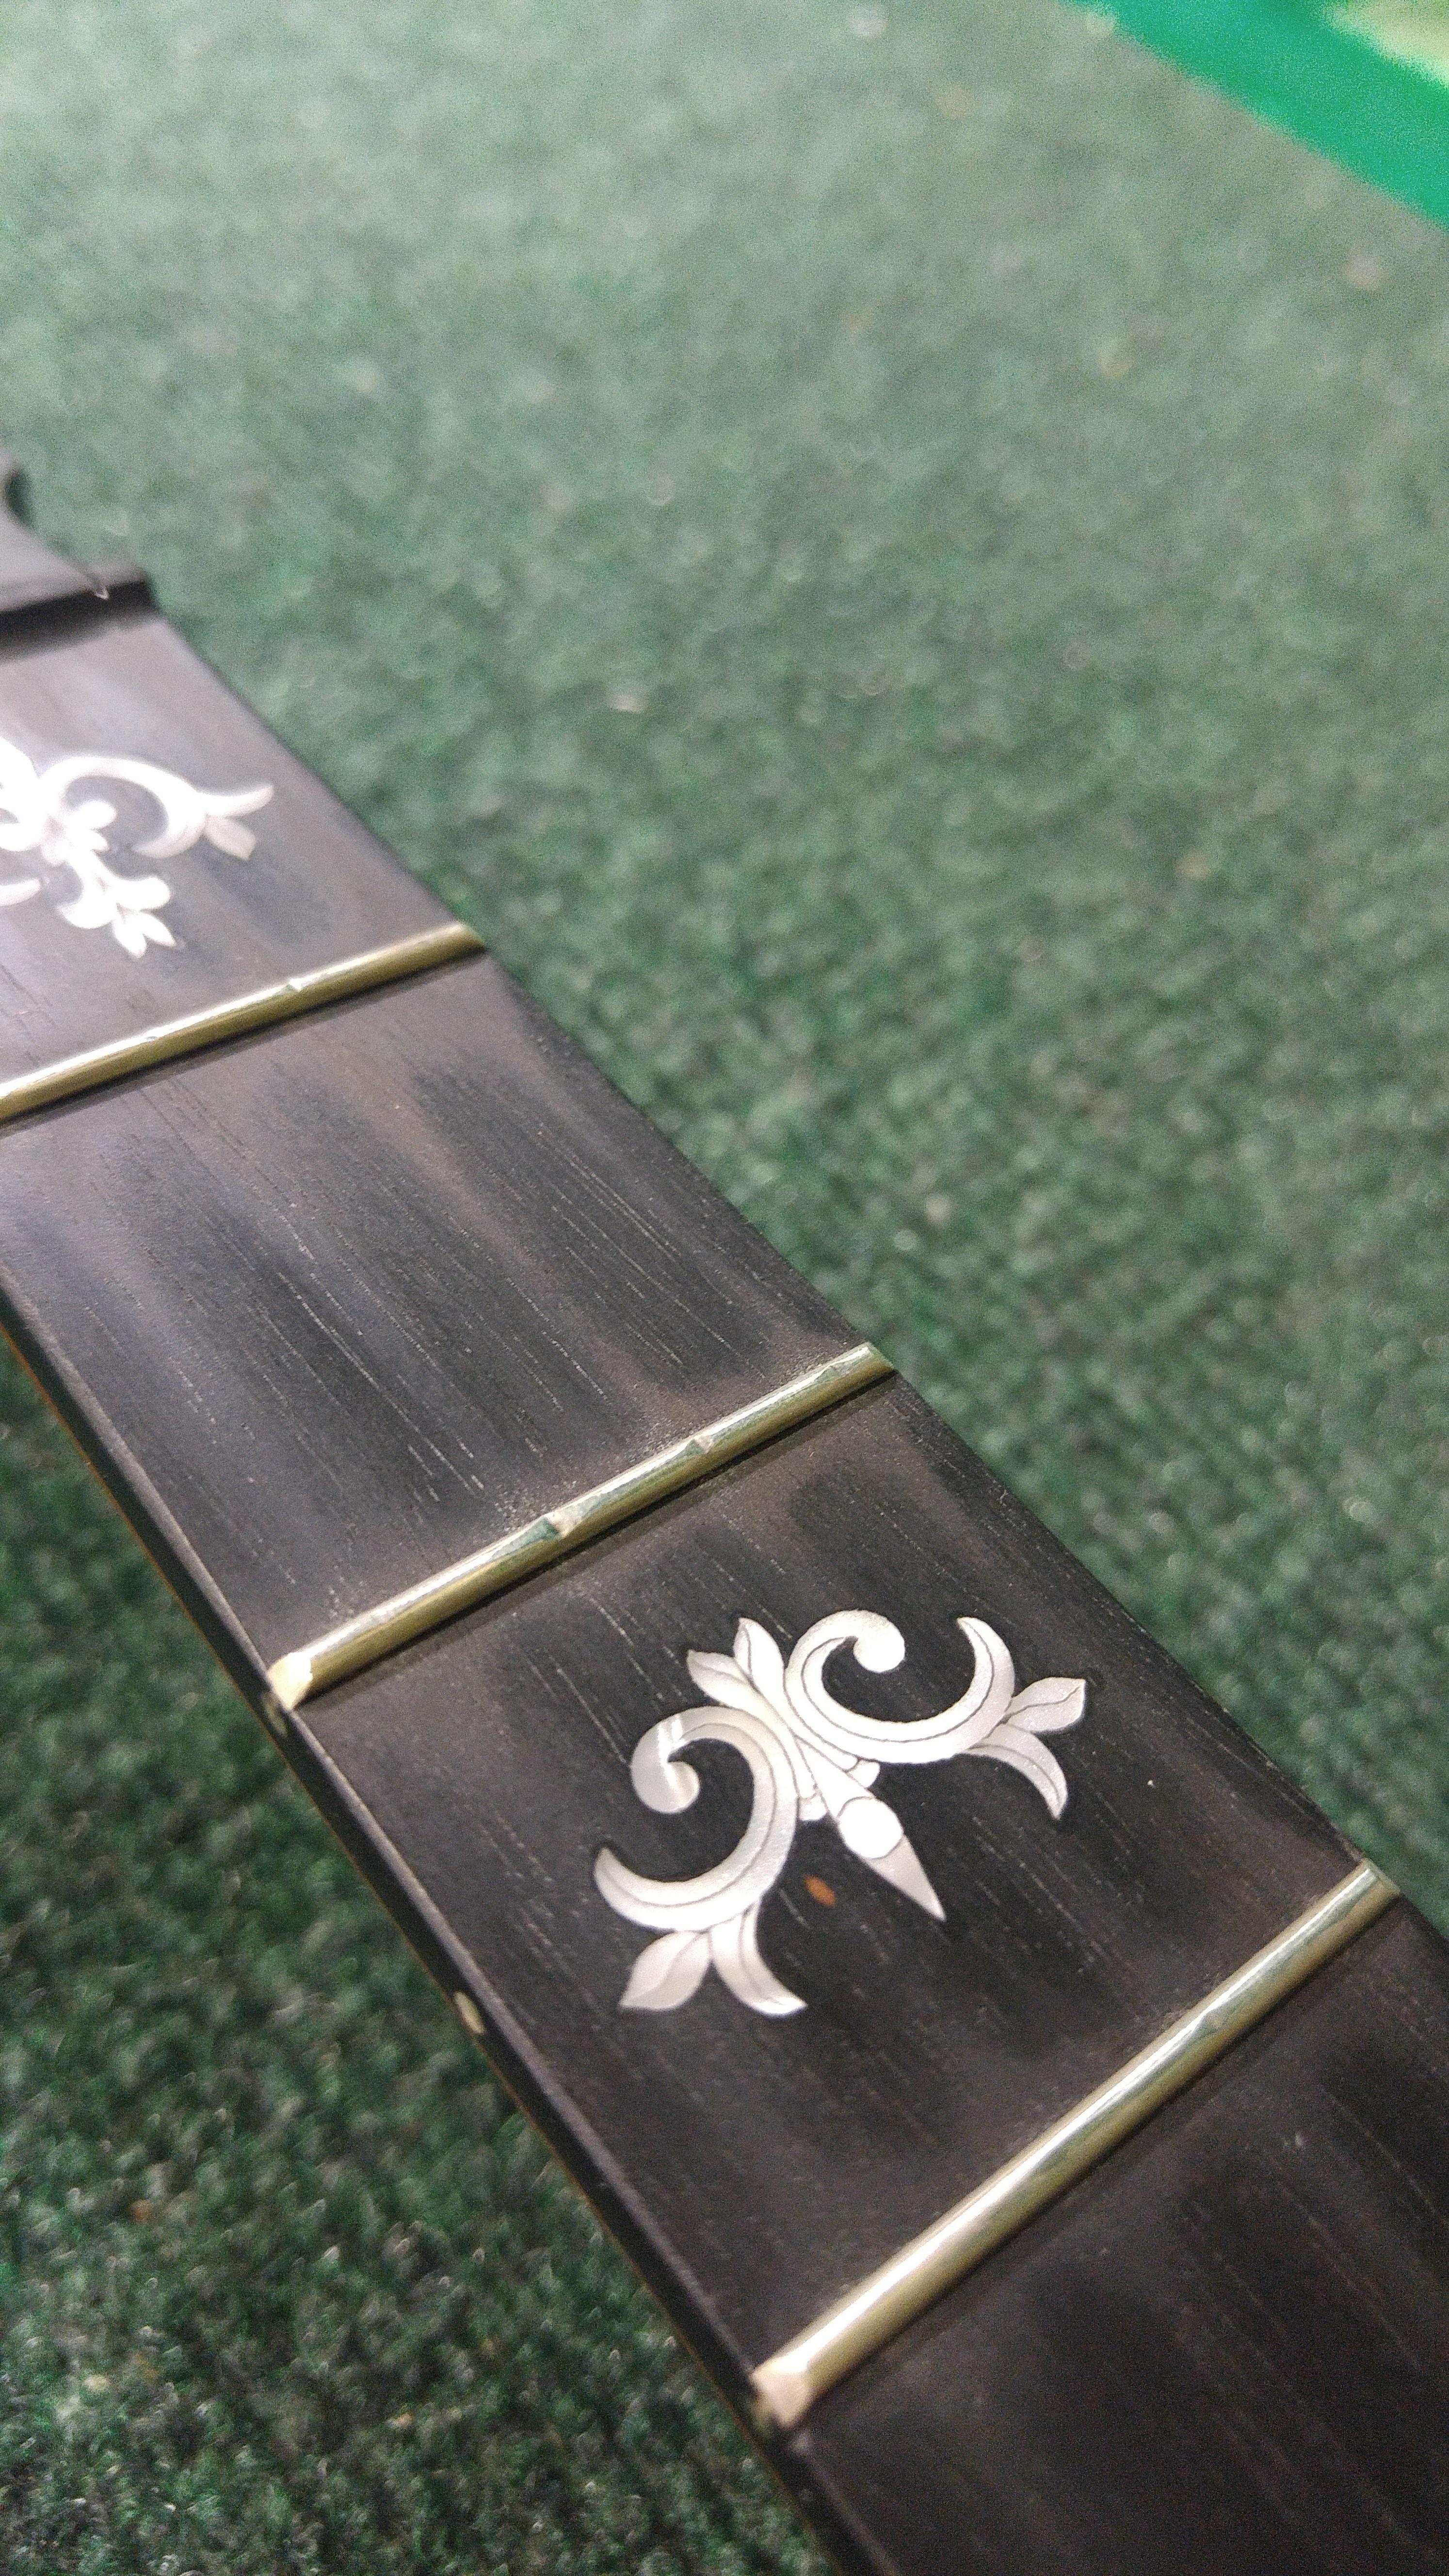 Banjo Fret Wear